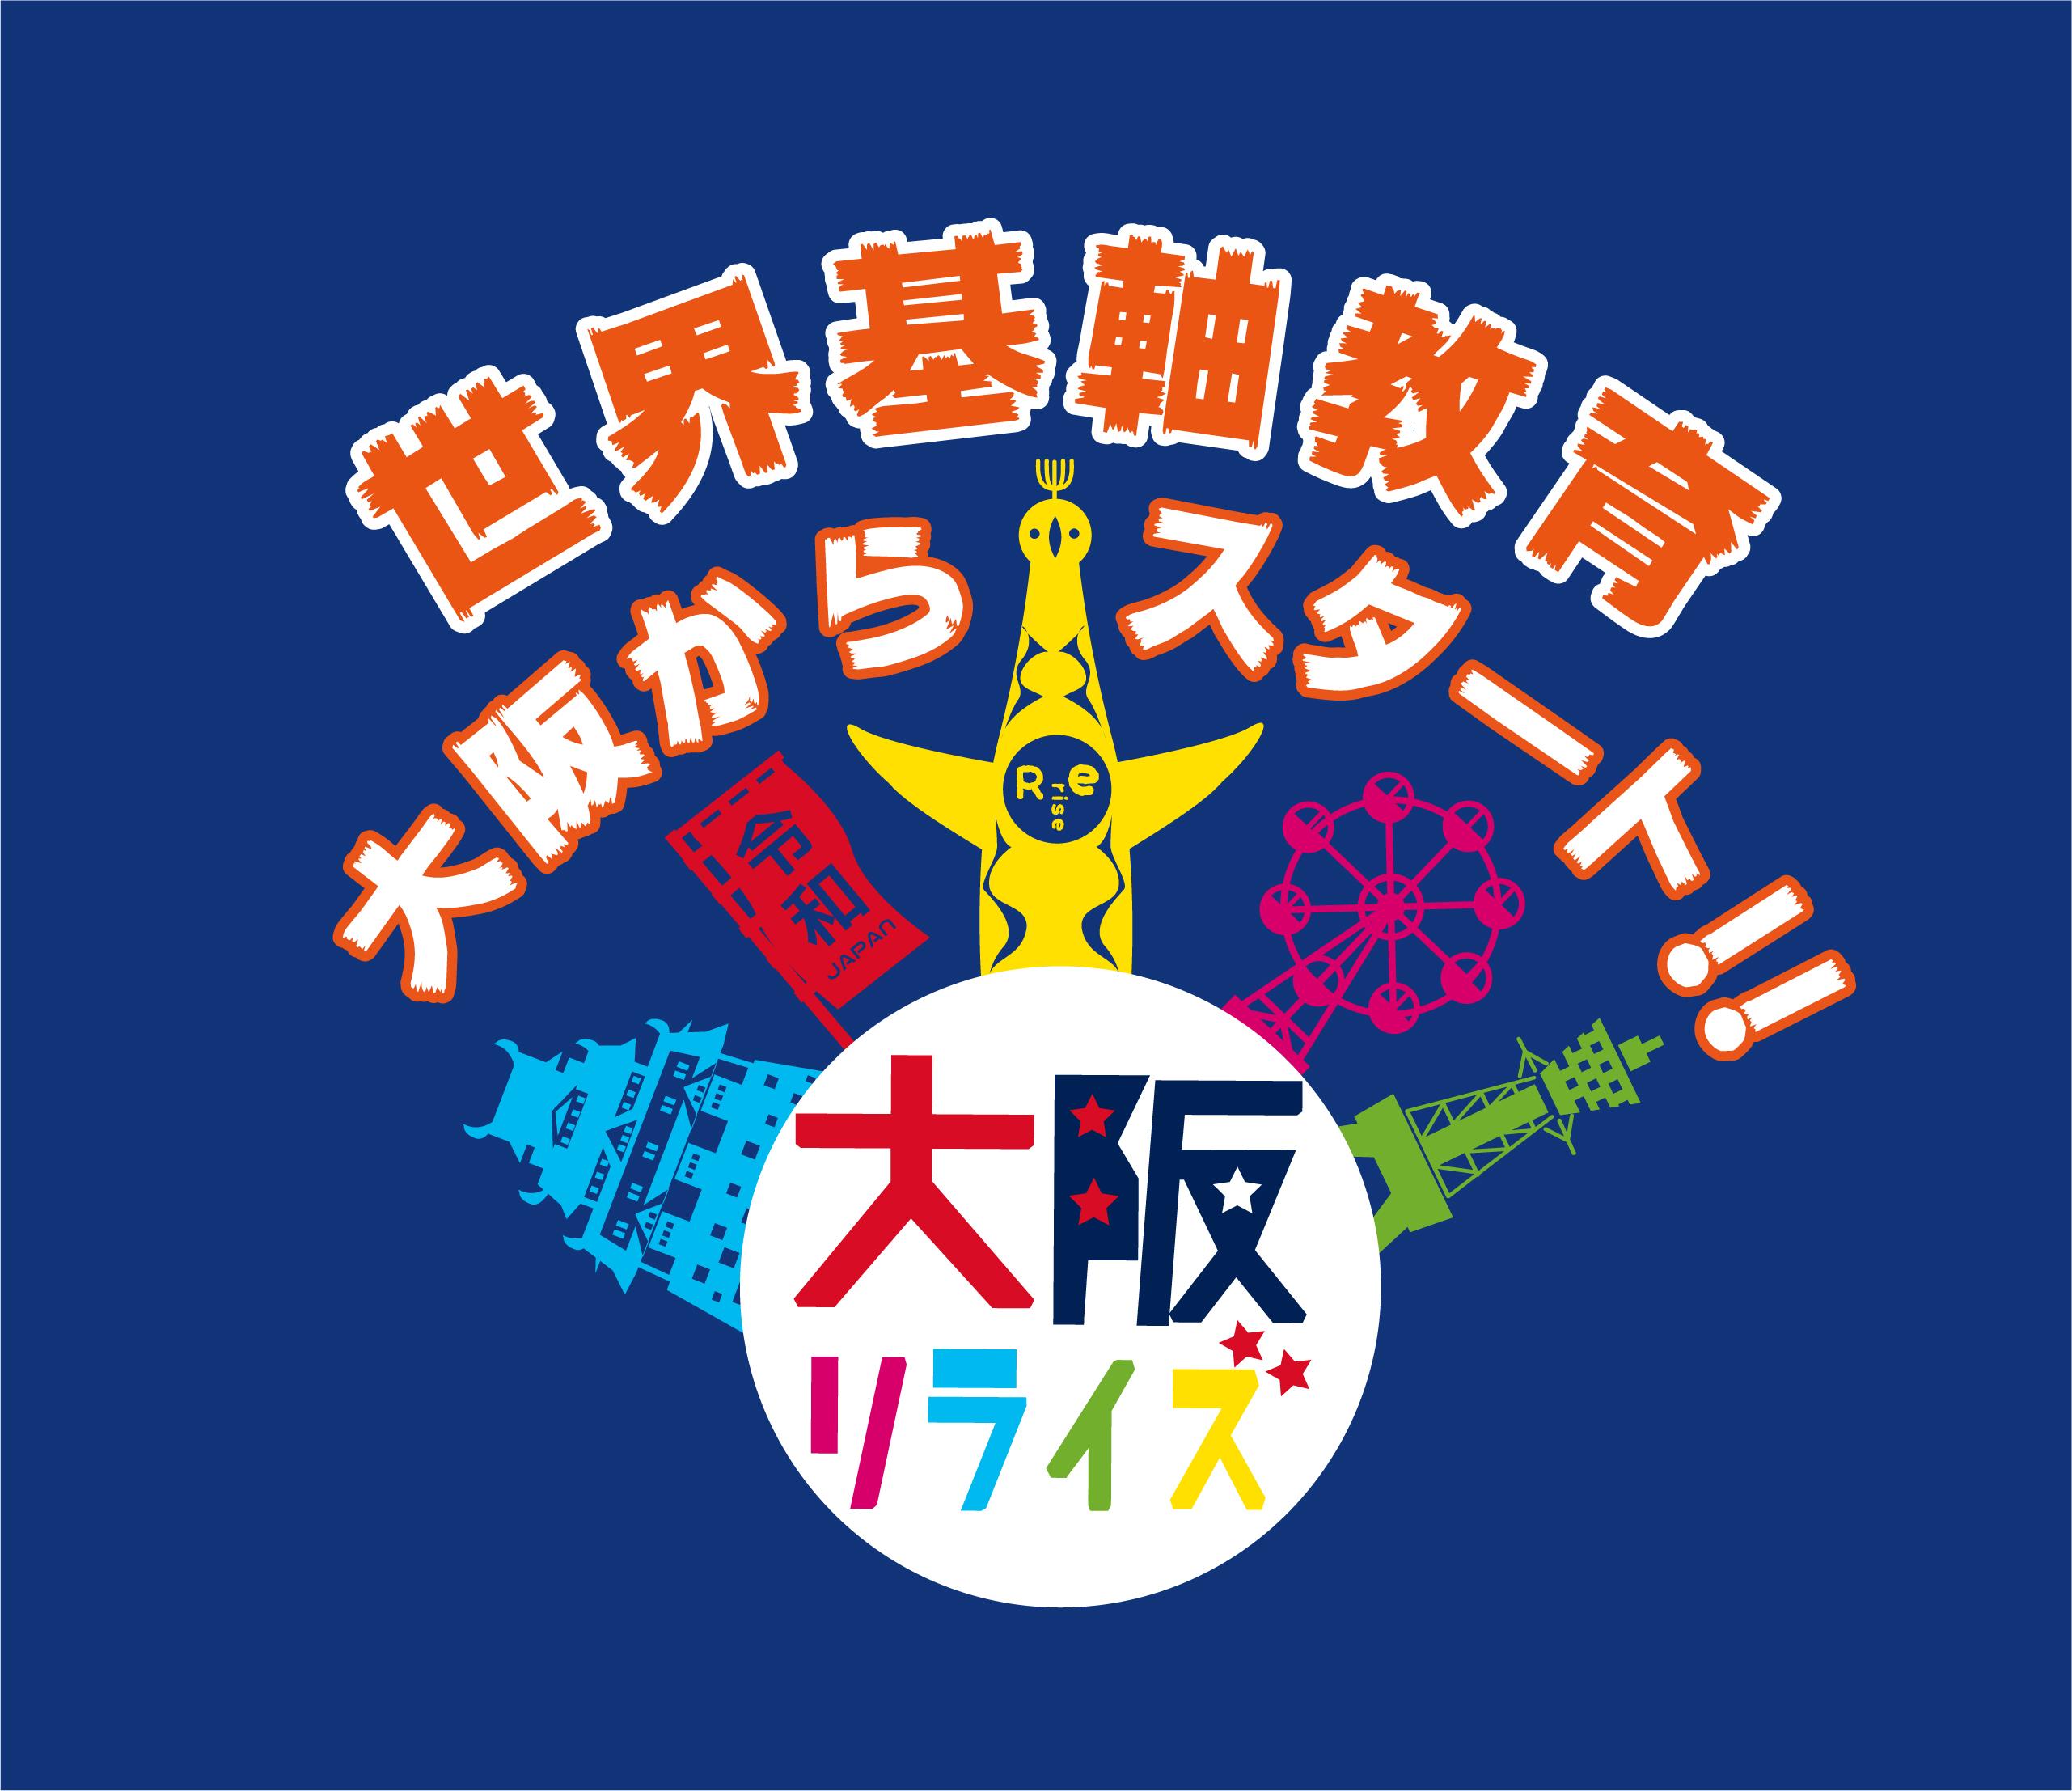 【 協賛 】大阪 Re・riseフェスティバル~Dignity2.0×SNS3.0で時代が変わる